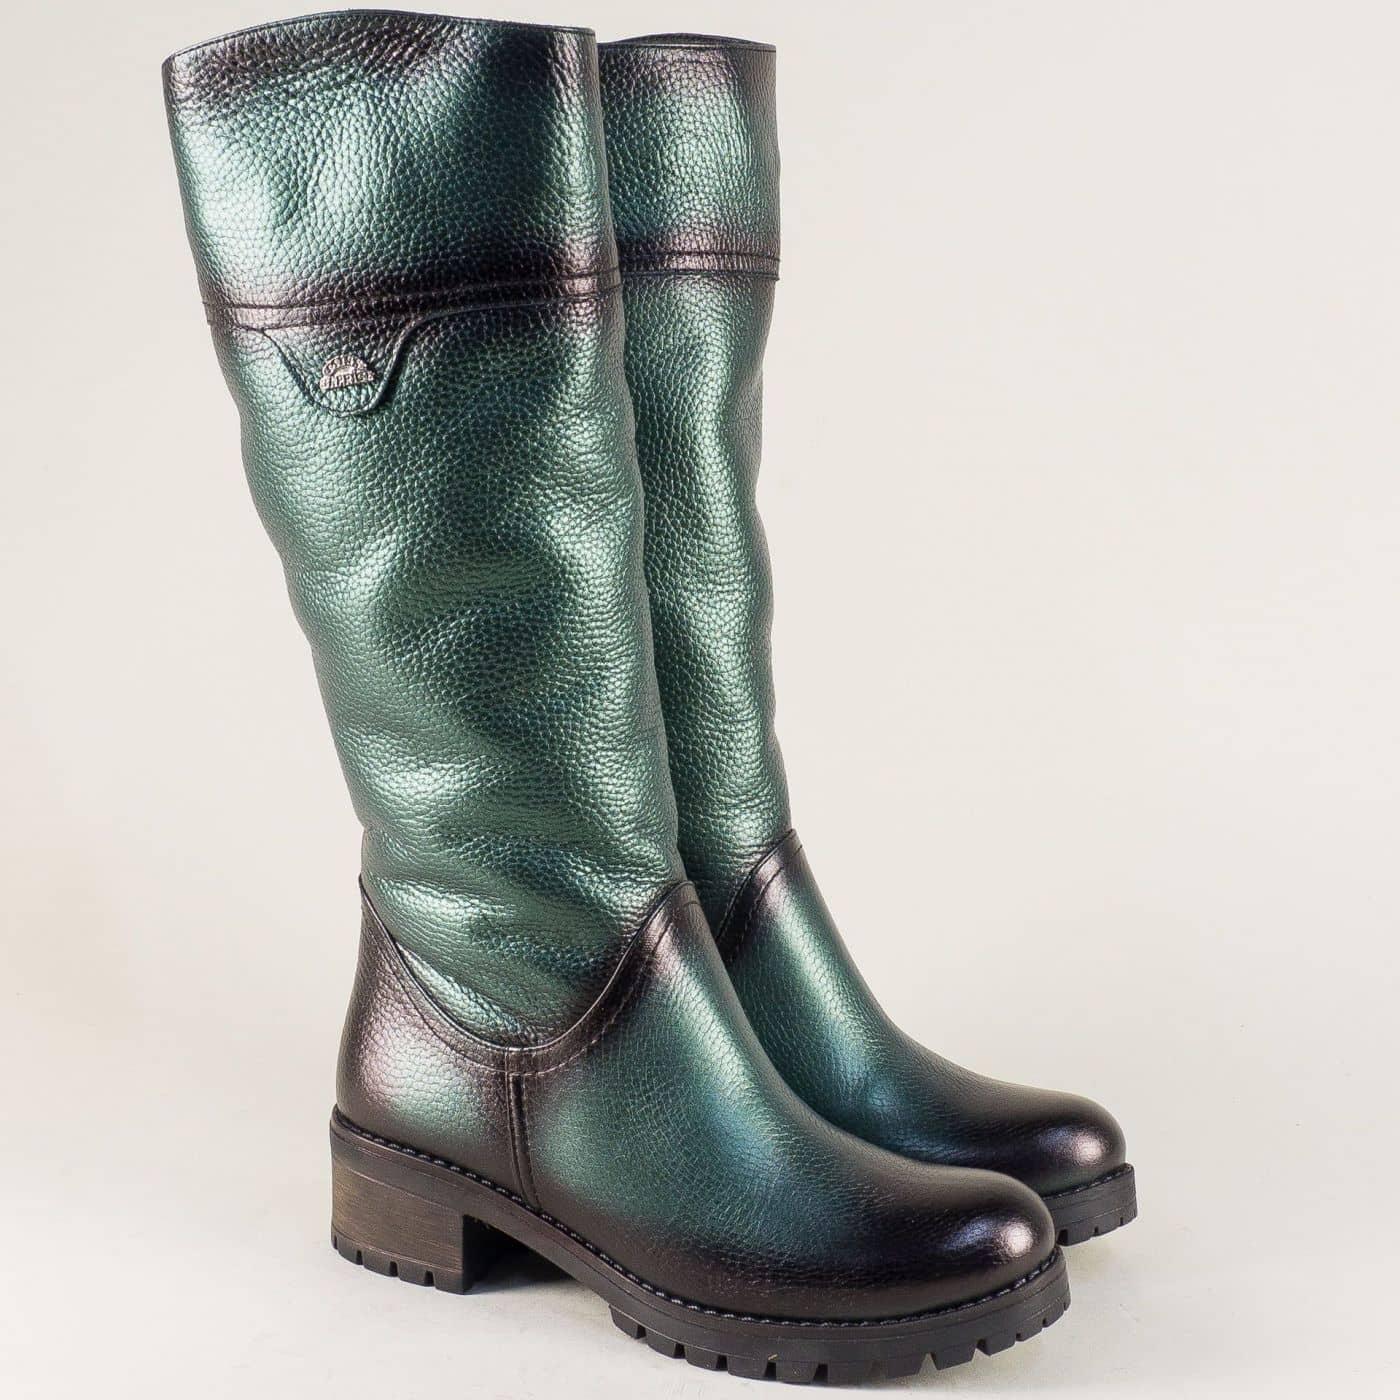 2f9c8b7f625 Промо Зелени дамски ботуши на нисък ток от естествена кожа 26501z